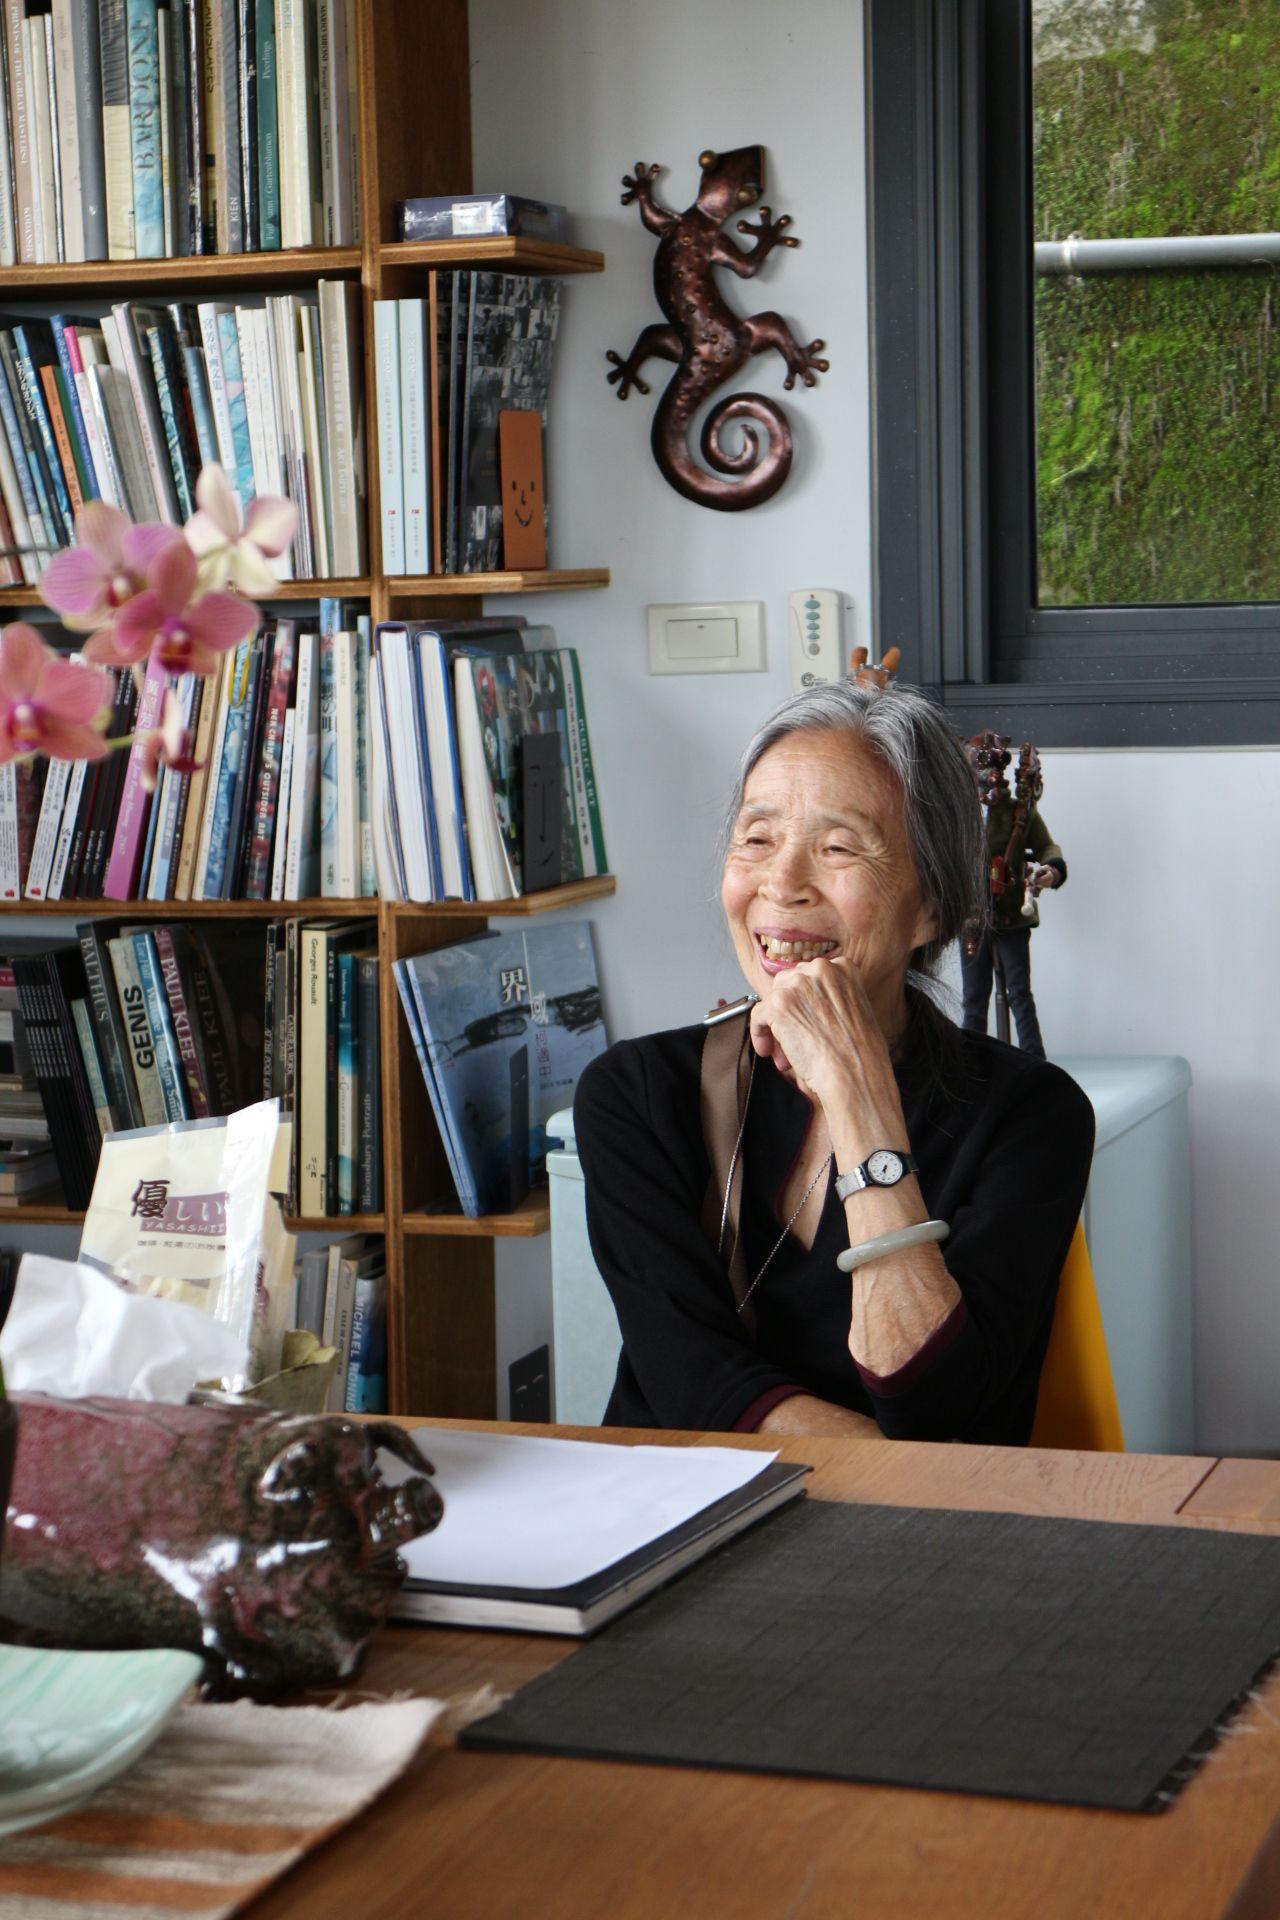 王秋華曾就讀華盛頓大學建築系、哥倫比亞大學建築及都市設計研究所,Percival Goodman 對她往後的設計理念有著深遠影響。(Images courtesy of 王秋華)